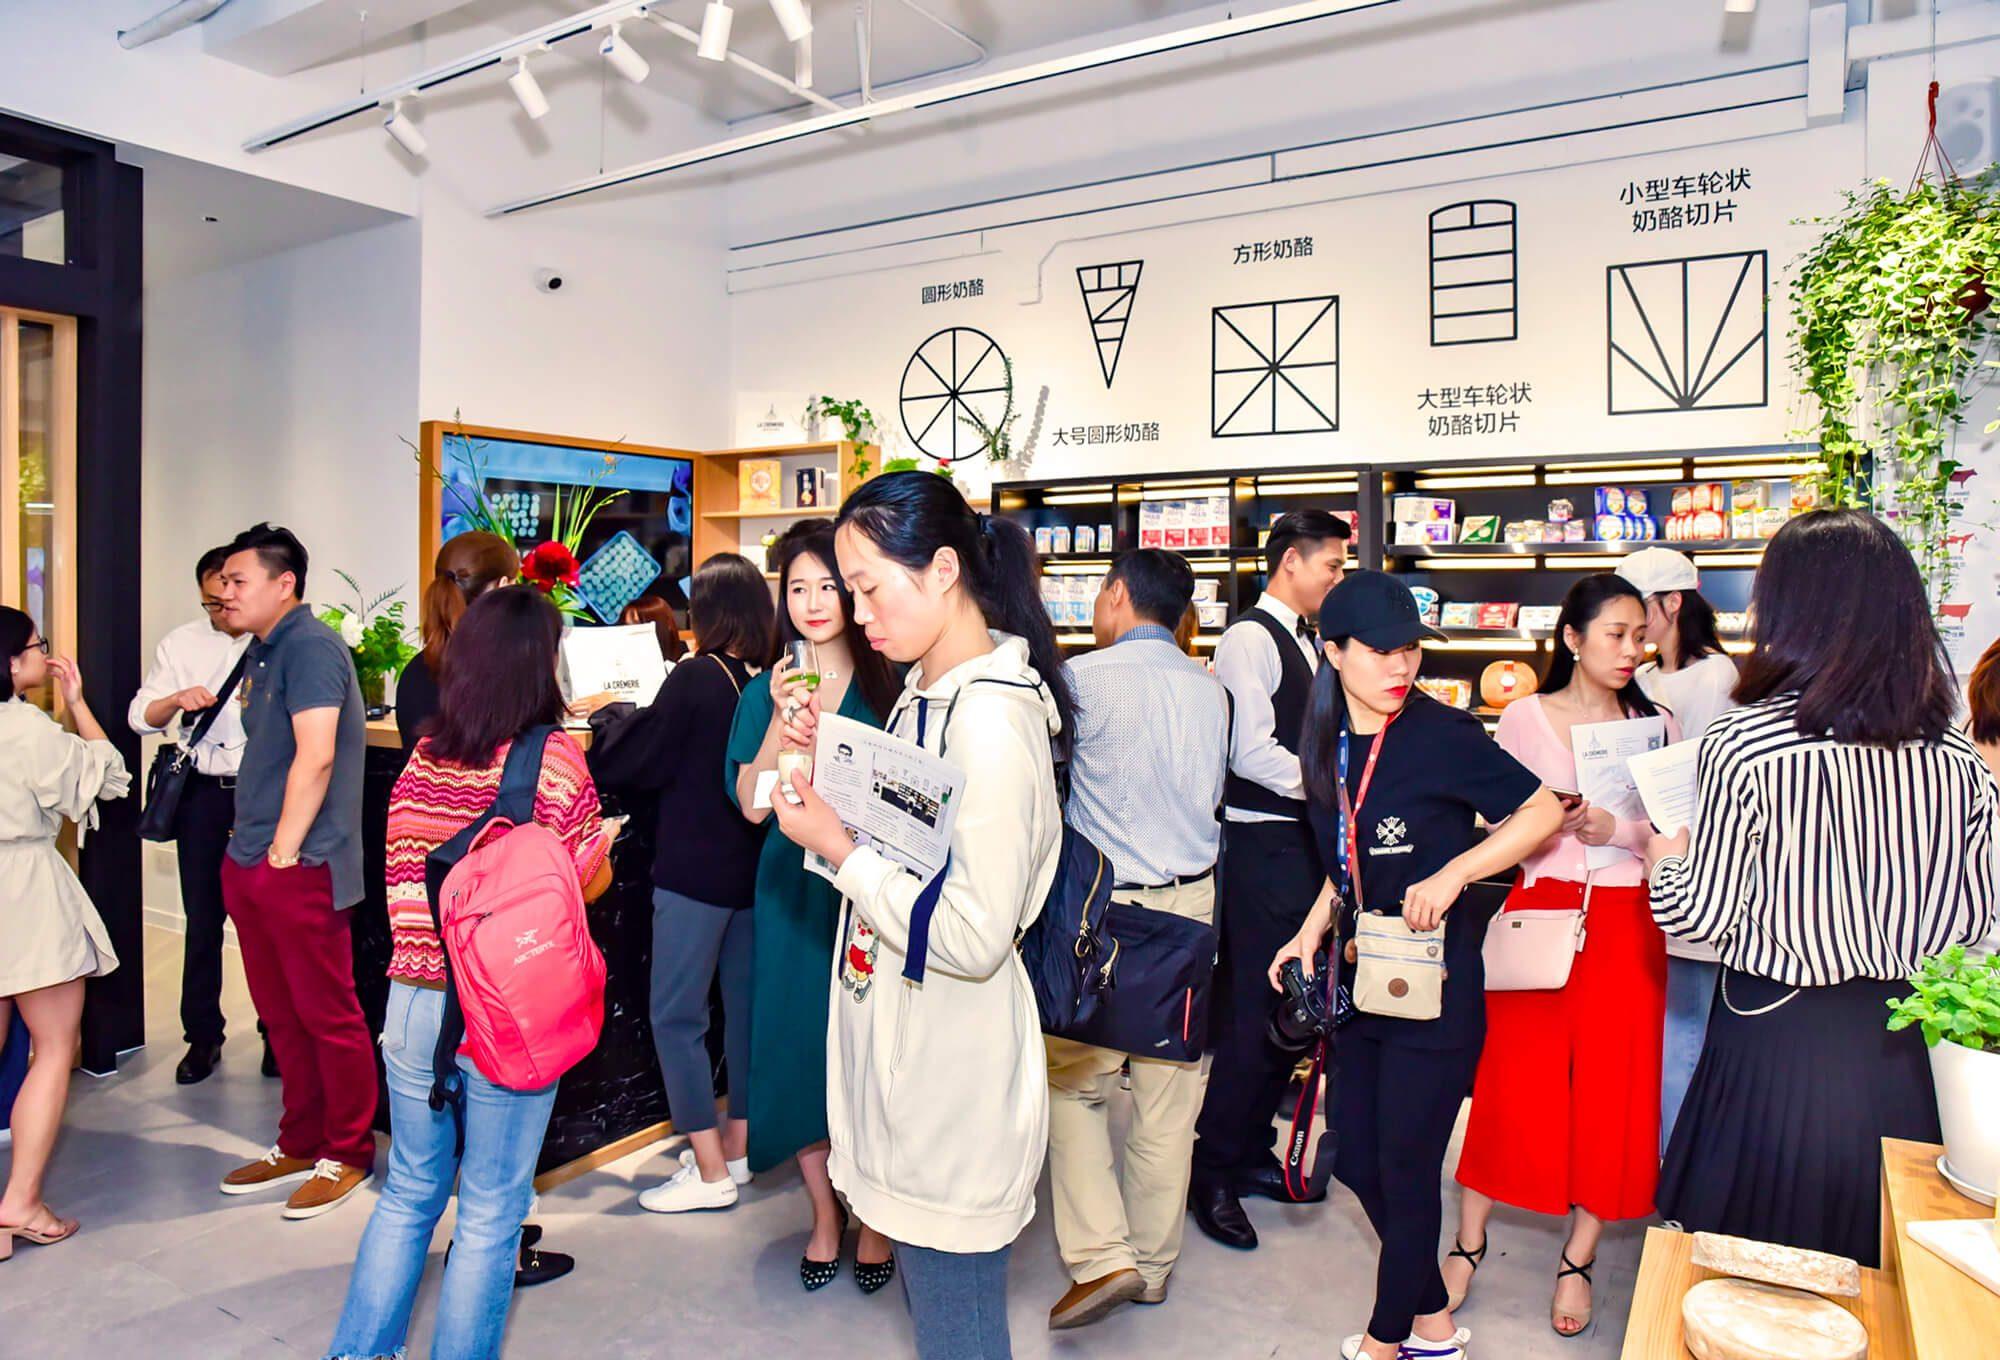 La soirée d'ouverture de la Cremerie a Shanghai, interior design par Helena Ichbiah et son équipe